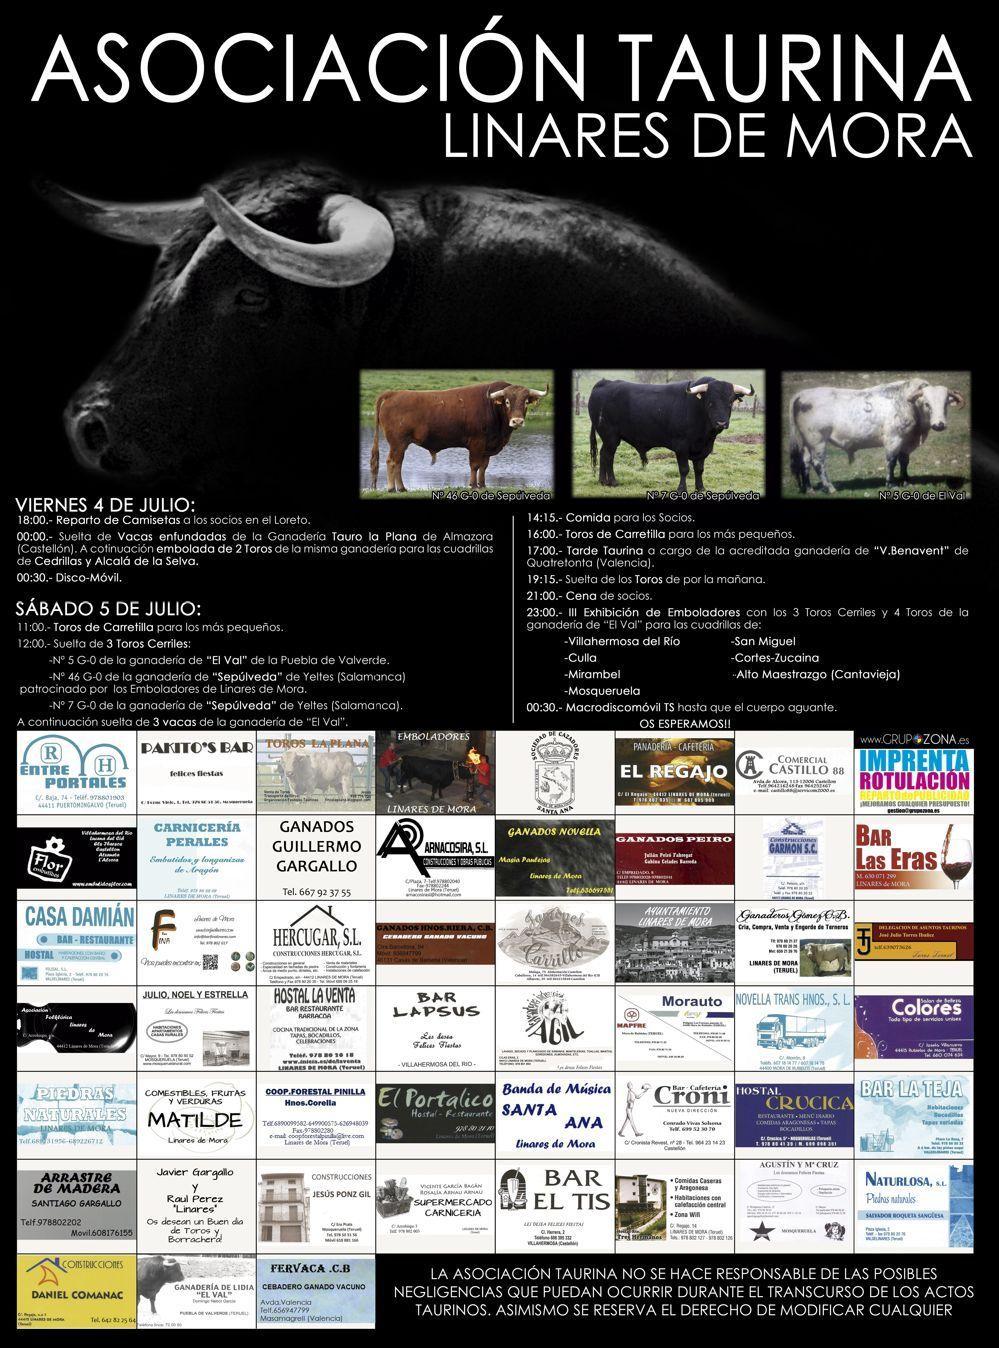 Programa de la fiesta de la Asociación Taurina de Linares de Mora 2014